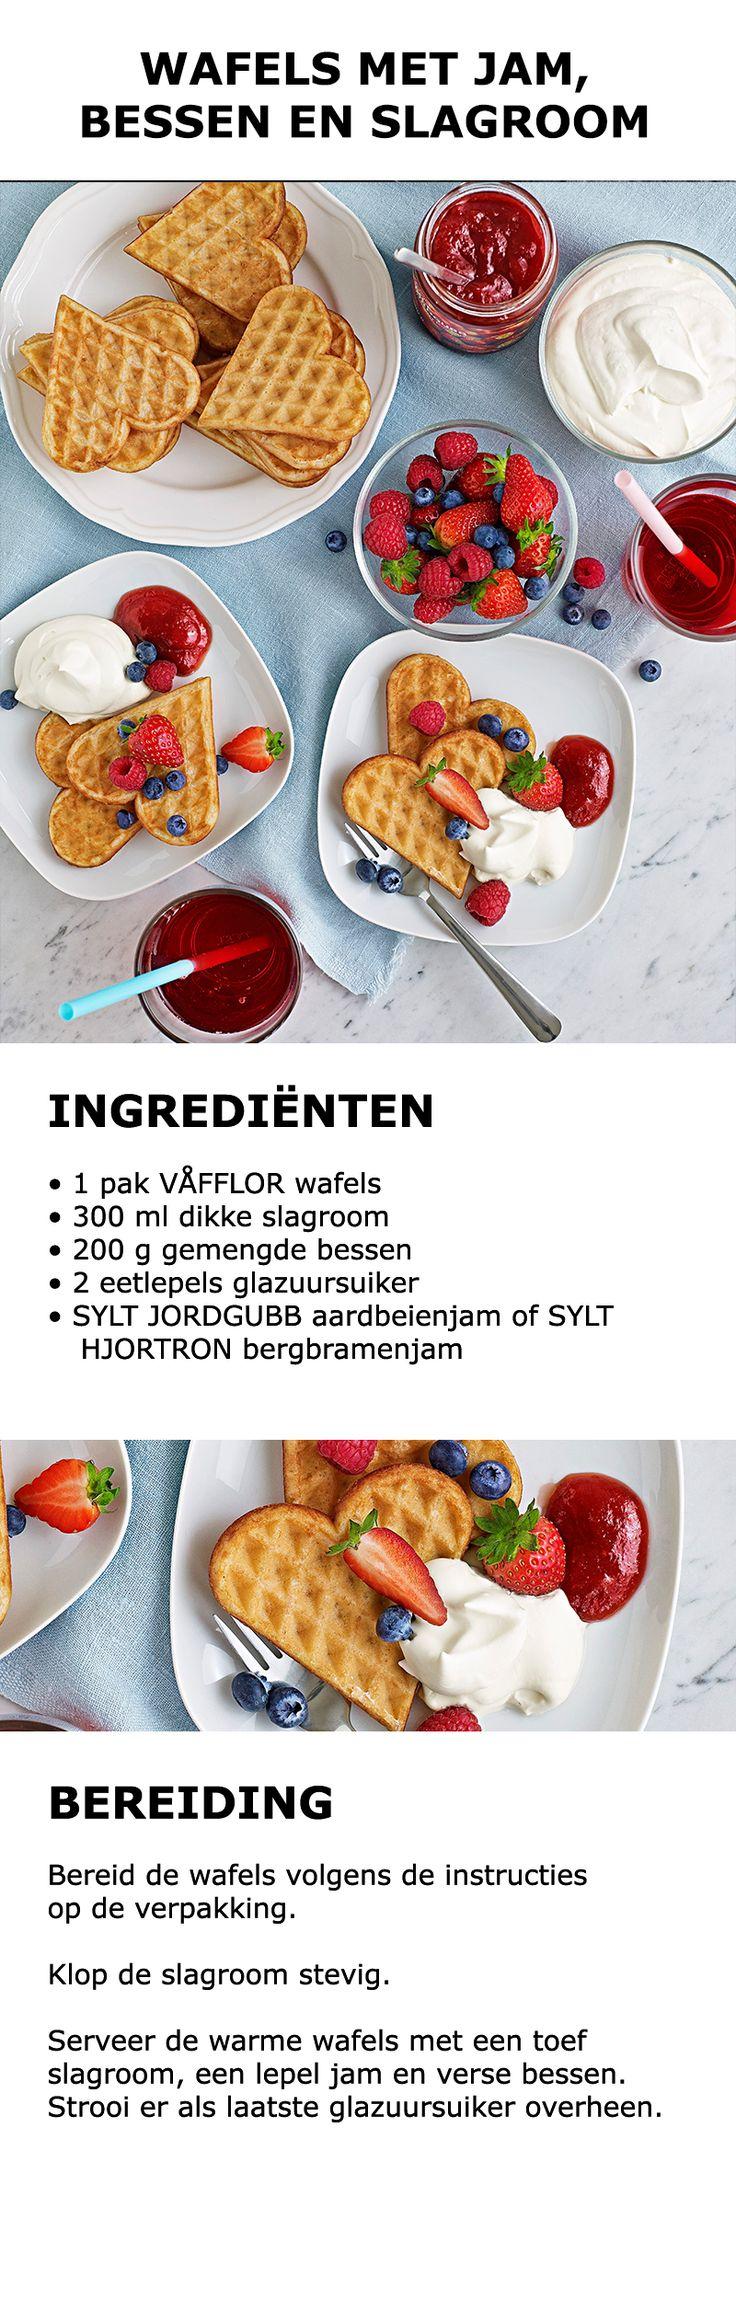 Inspiratie voor in de keuken - Wafels met jam, bessen en slagroom | #IKEA…